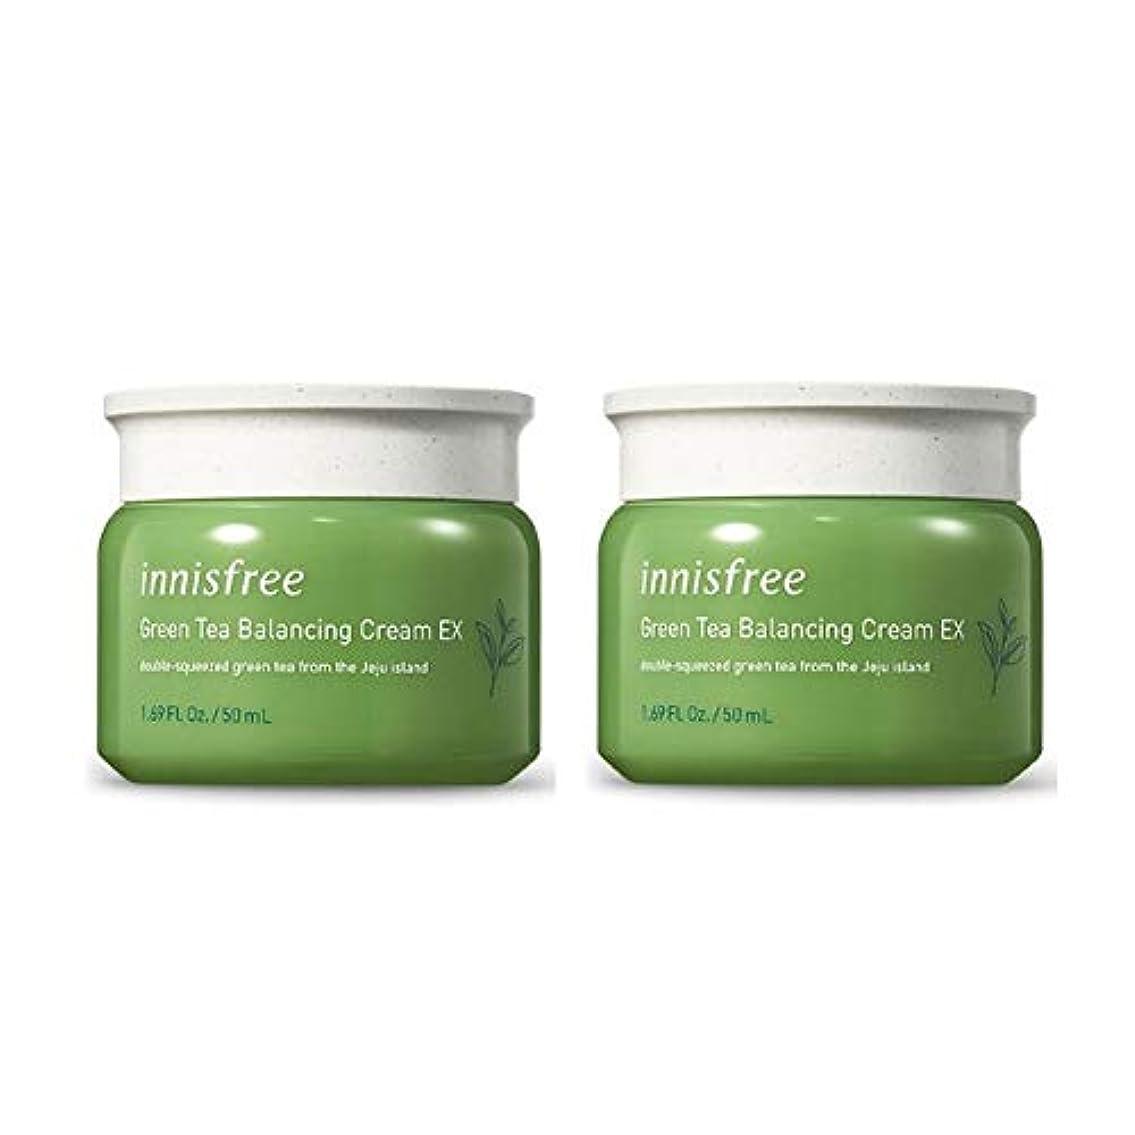 慢性的嫌い腕イニスフリーグリーンティーバランシングクリームEX 50mlx2本セット韓国コスメ、innisfree Green Tea Balancing Cream EX 50ml x 2ea Set Korean Cosmetics...